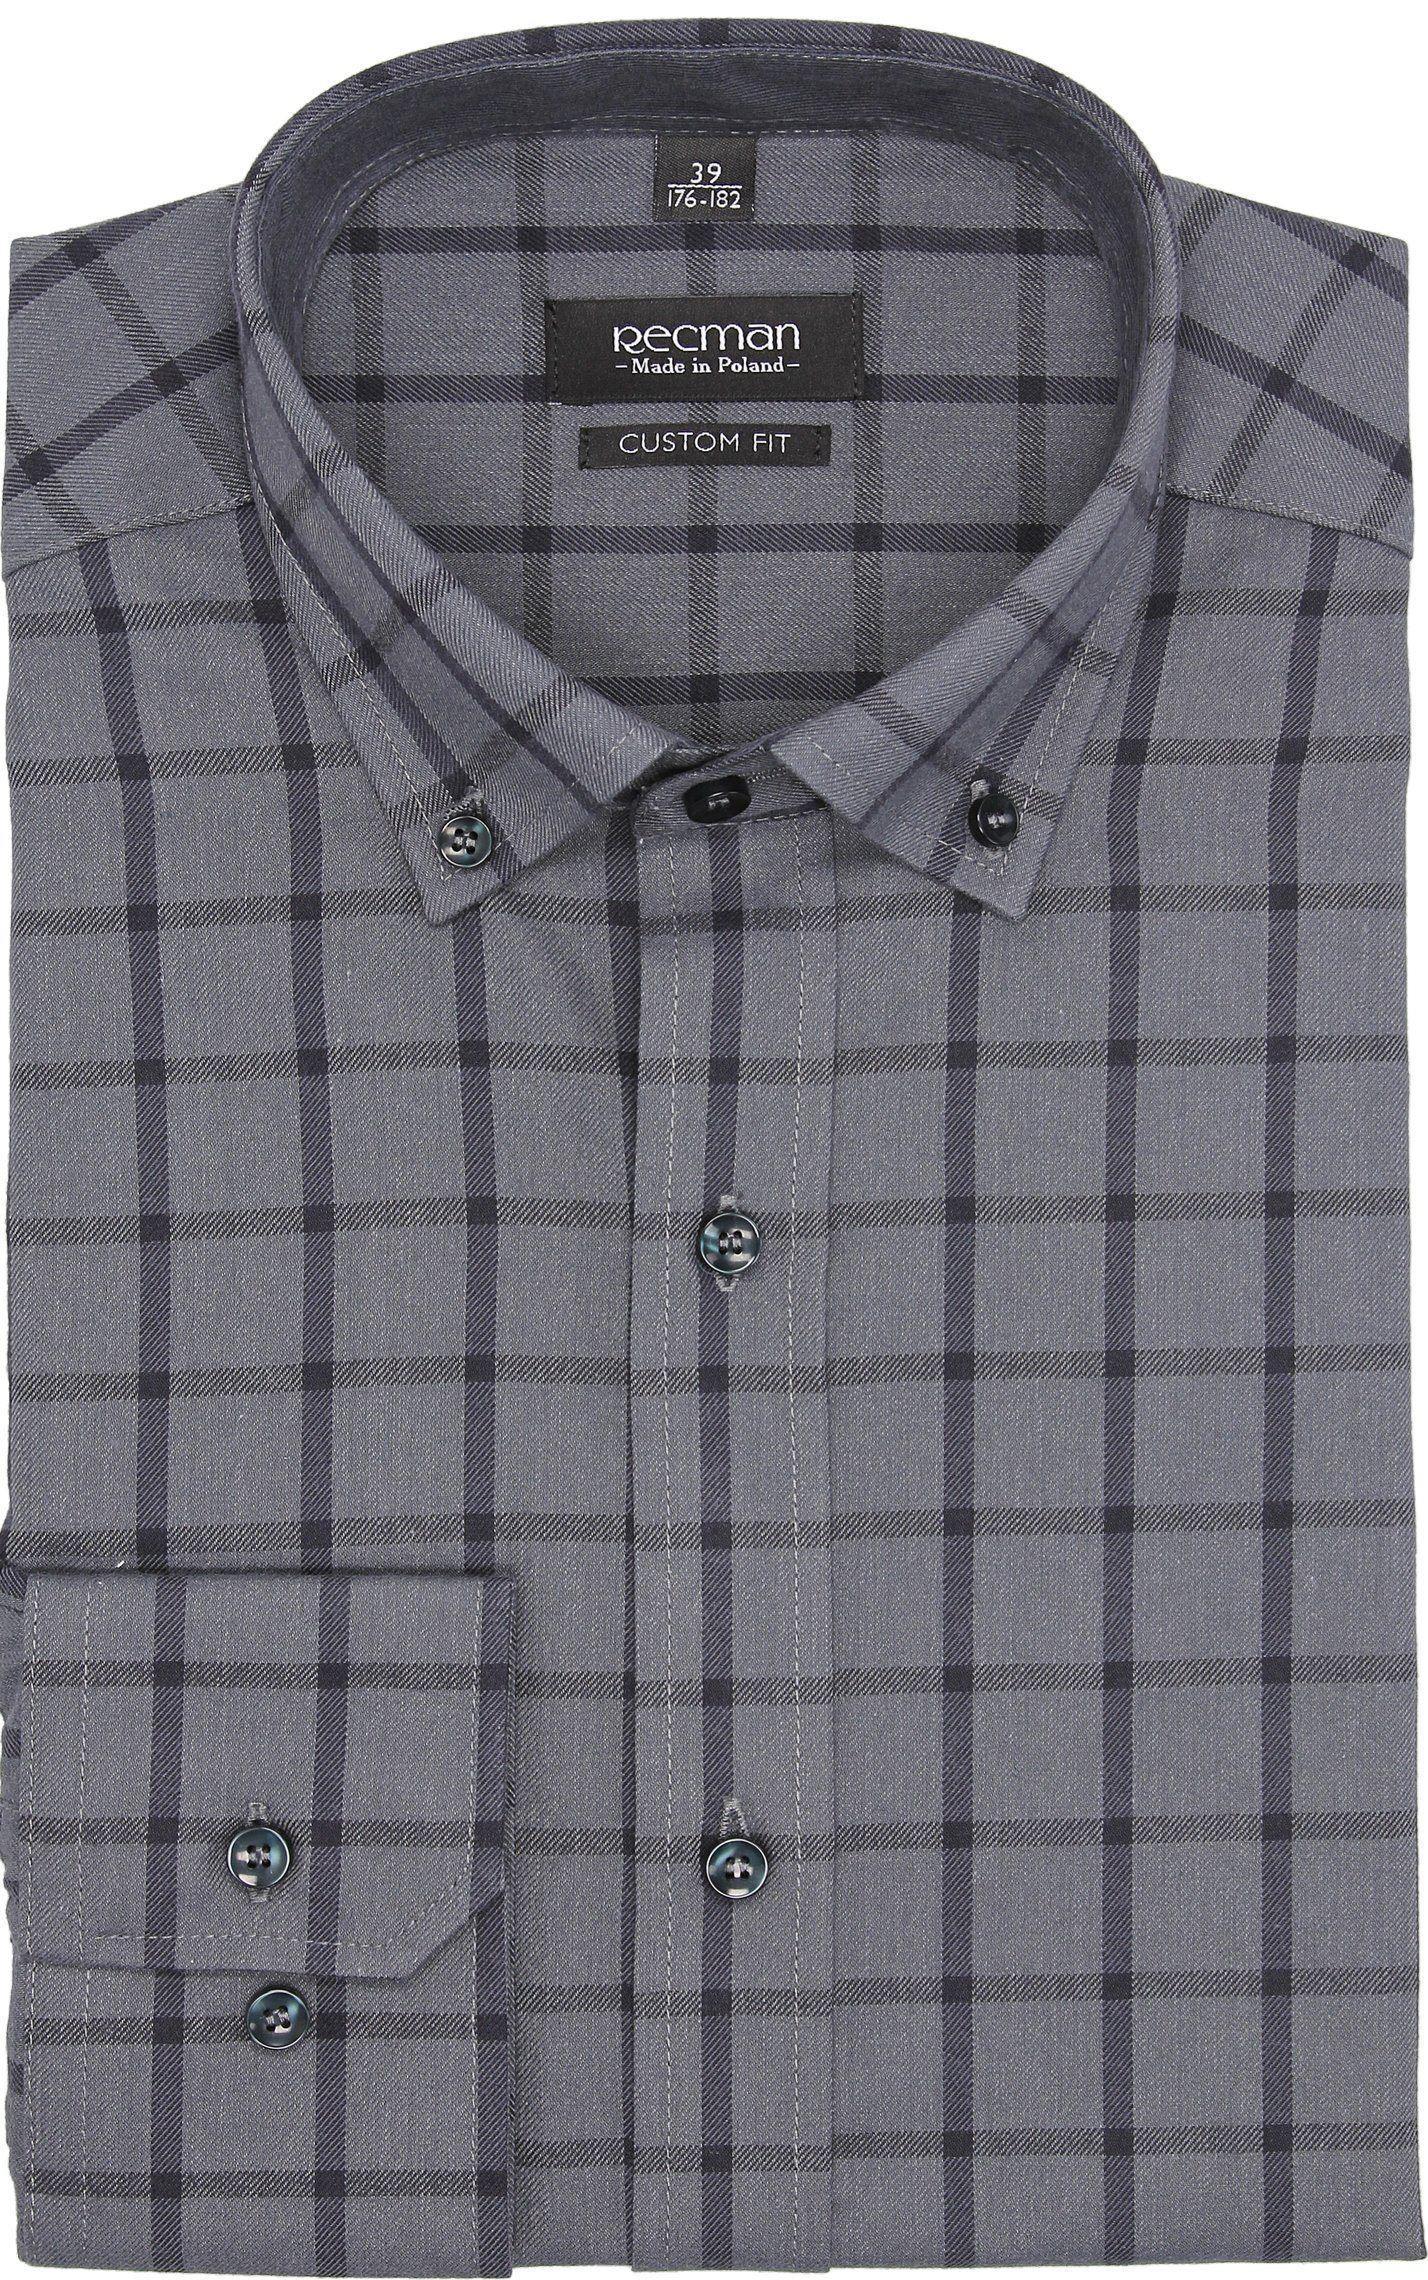 koszula bexley f2647 długi rękaw custom fit szary